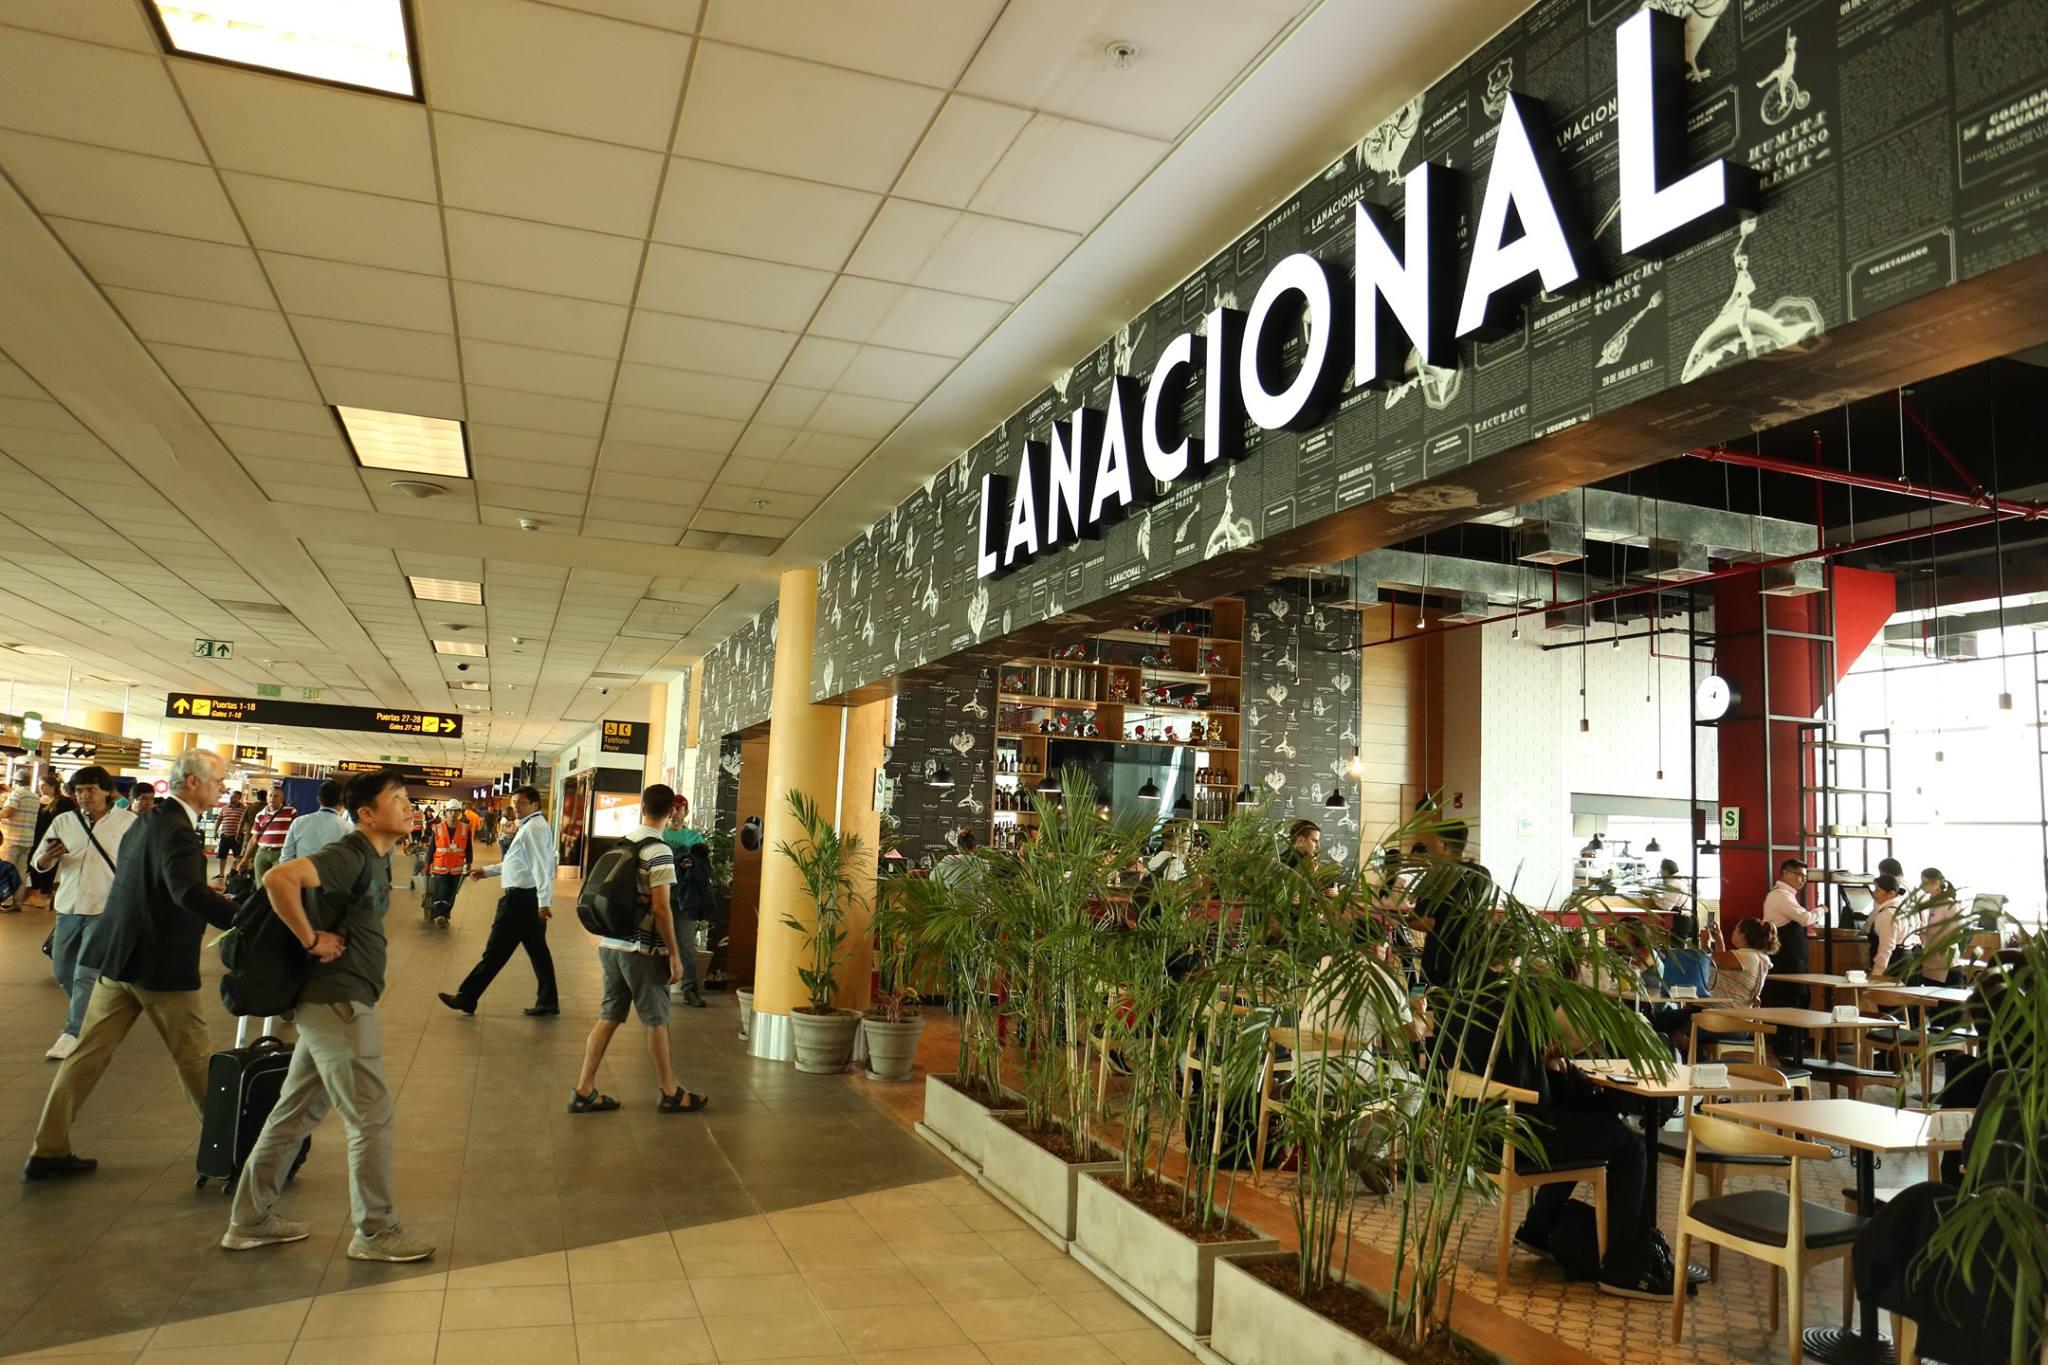 La Nacional Aeropuerto 2 - Aeropuerto Internacional Jorge Chávez suma nueva oferta gastronómica